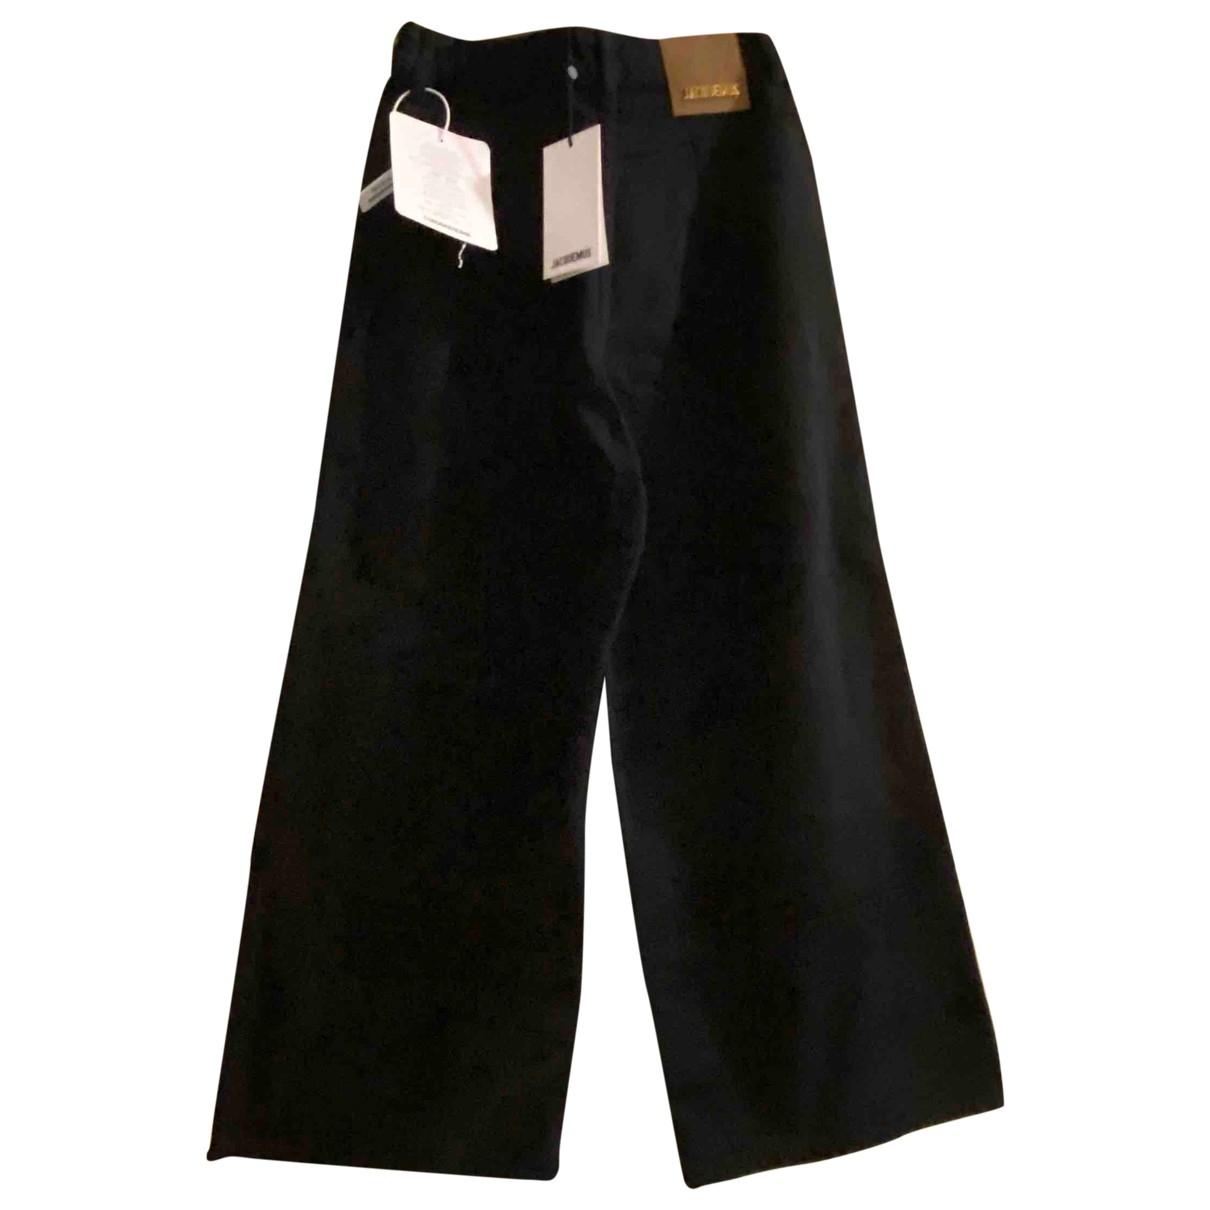 Jacquemus La Riviera Blue Denim - Jeans Trousers for Women 34 FR